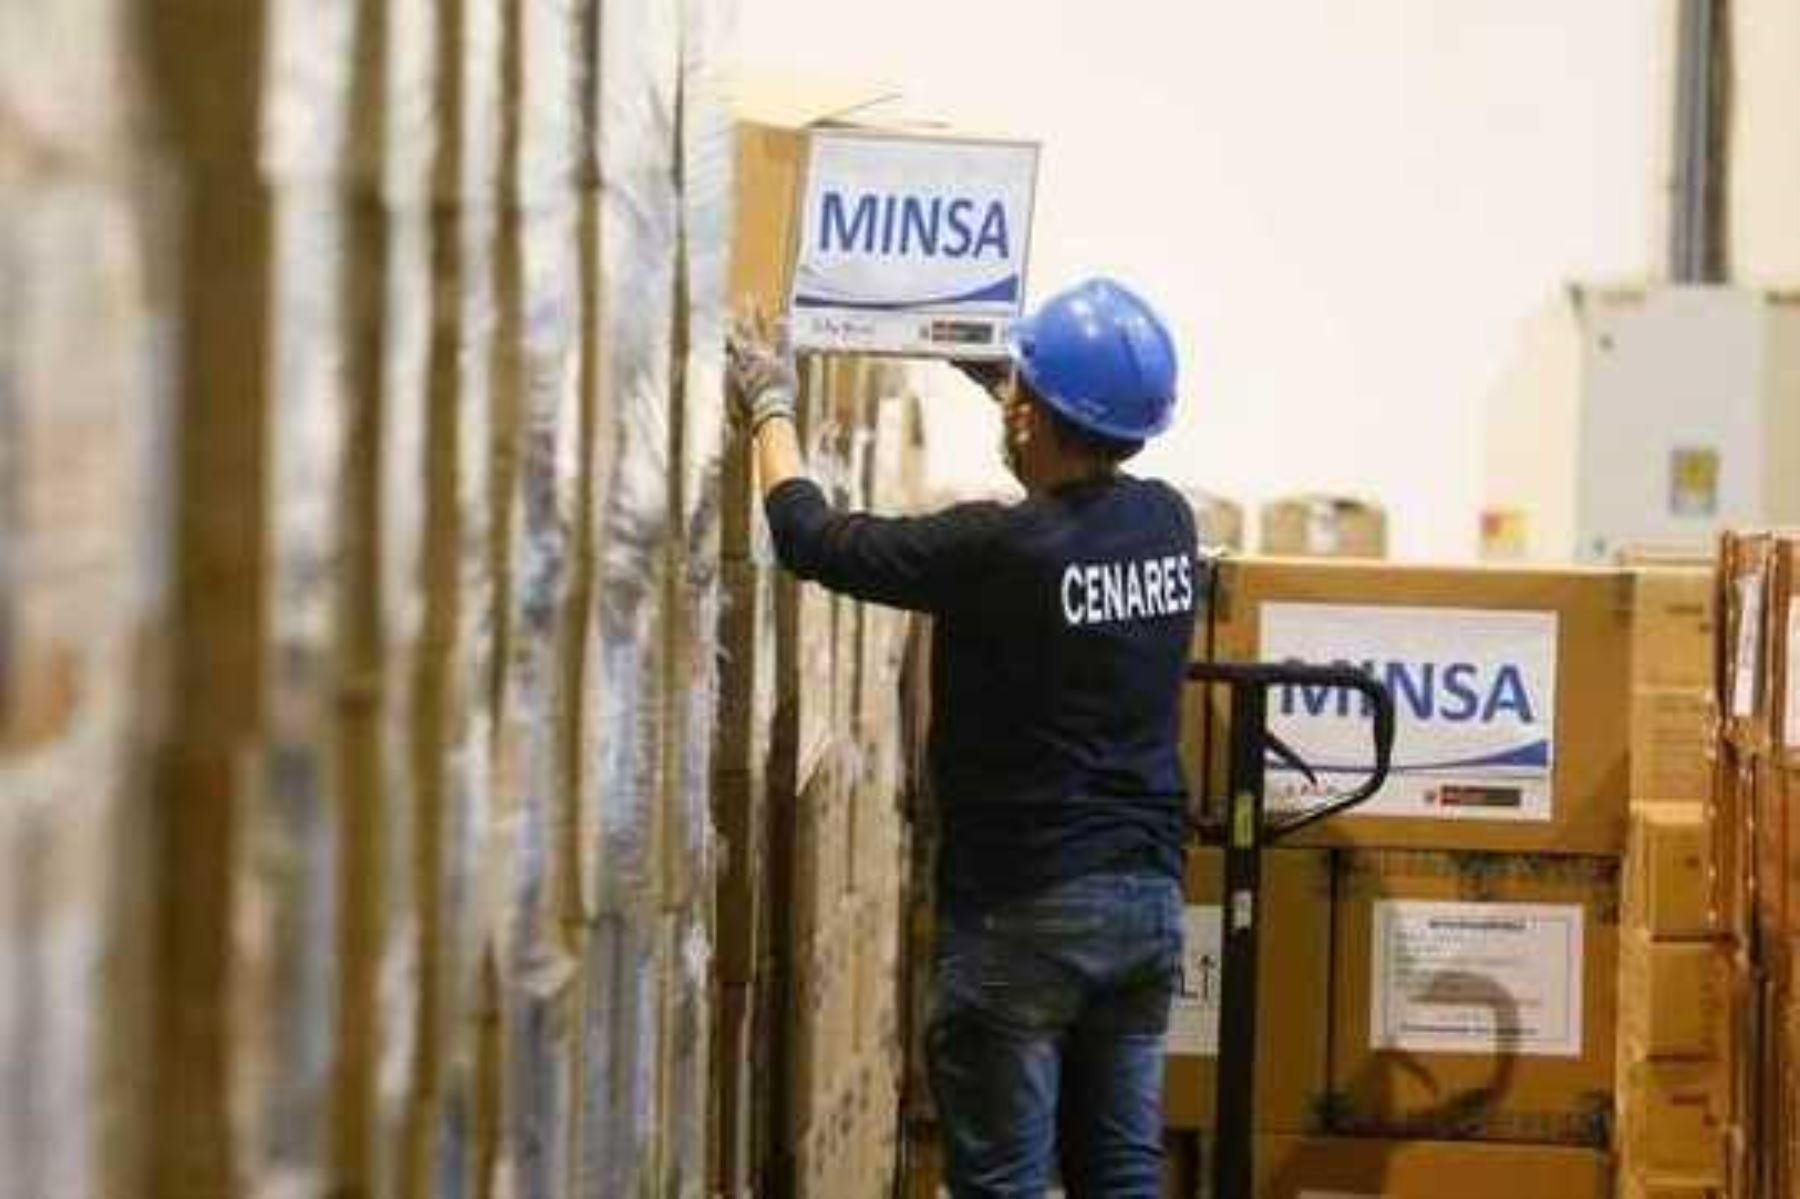 Minsa envía cerca de 109 toneladas de suministros médicos a Lima y regiones. Foto: ANDINA/Difusión.